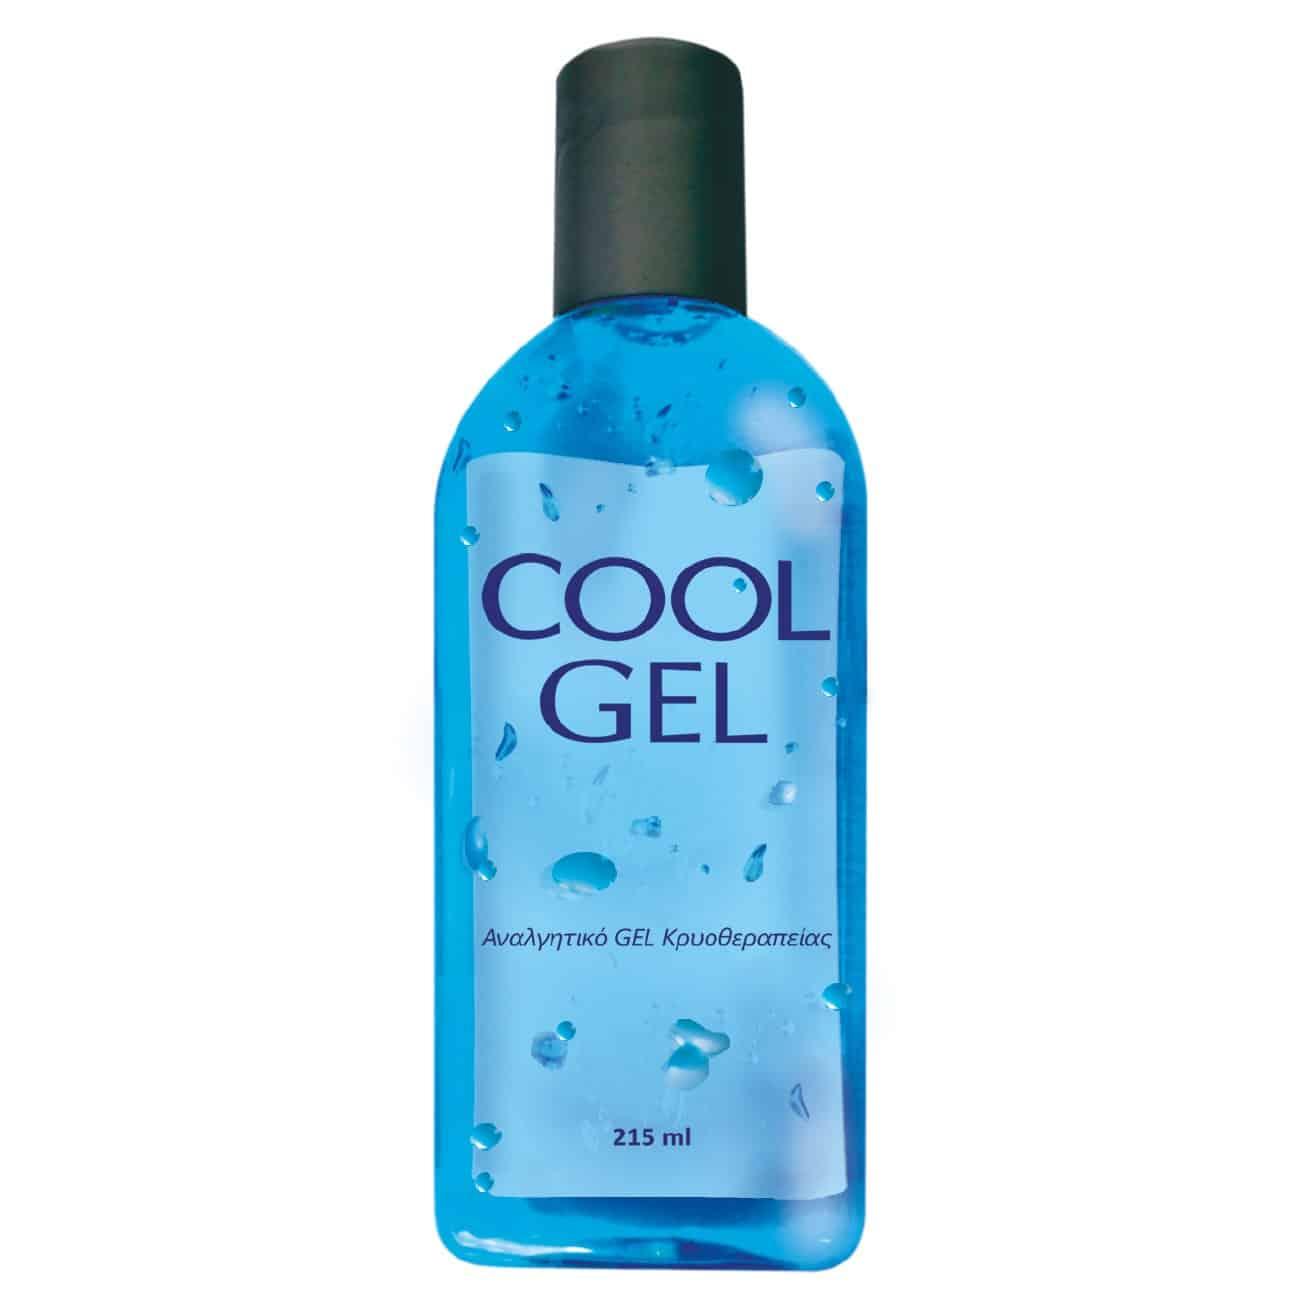 Cool gel